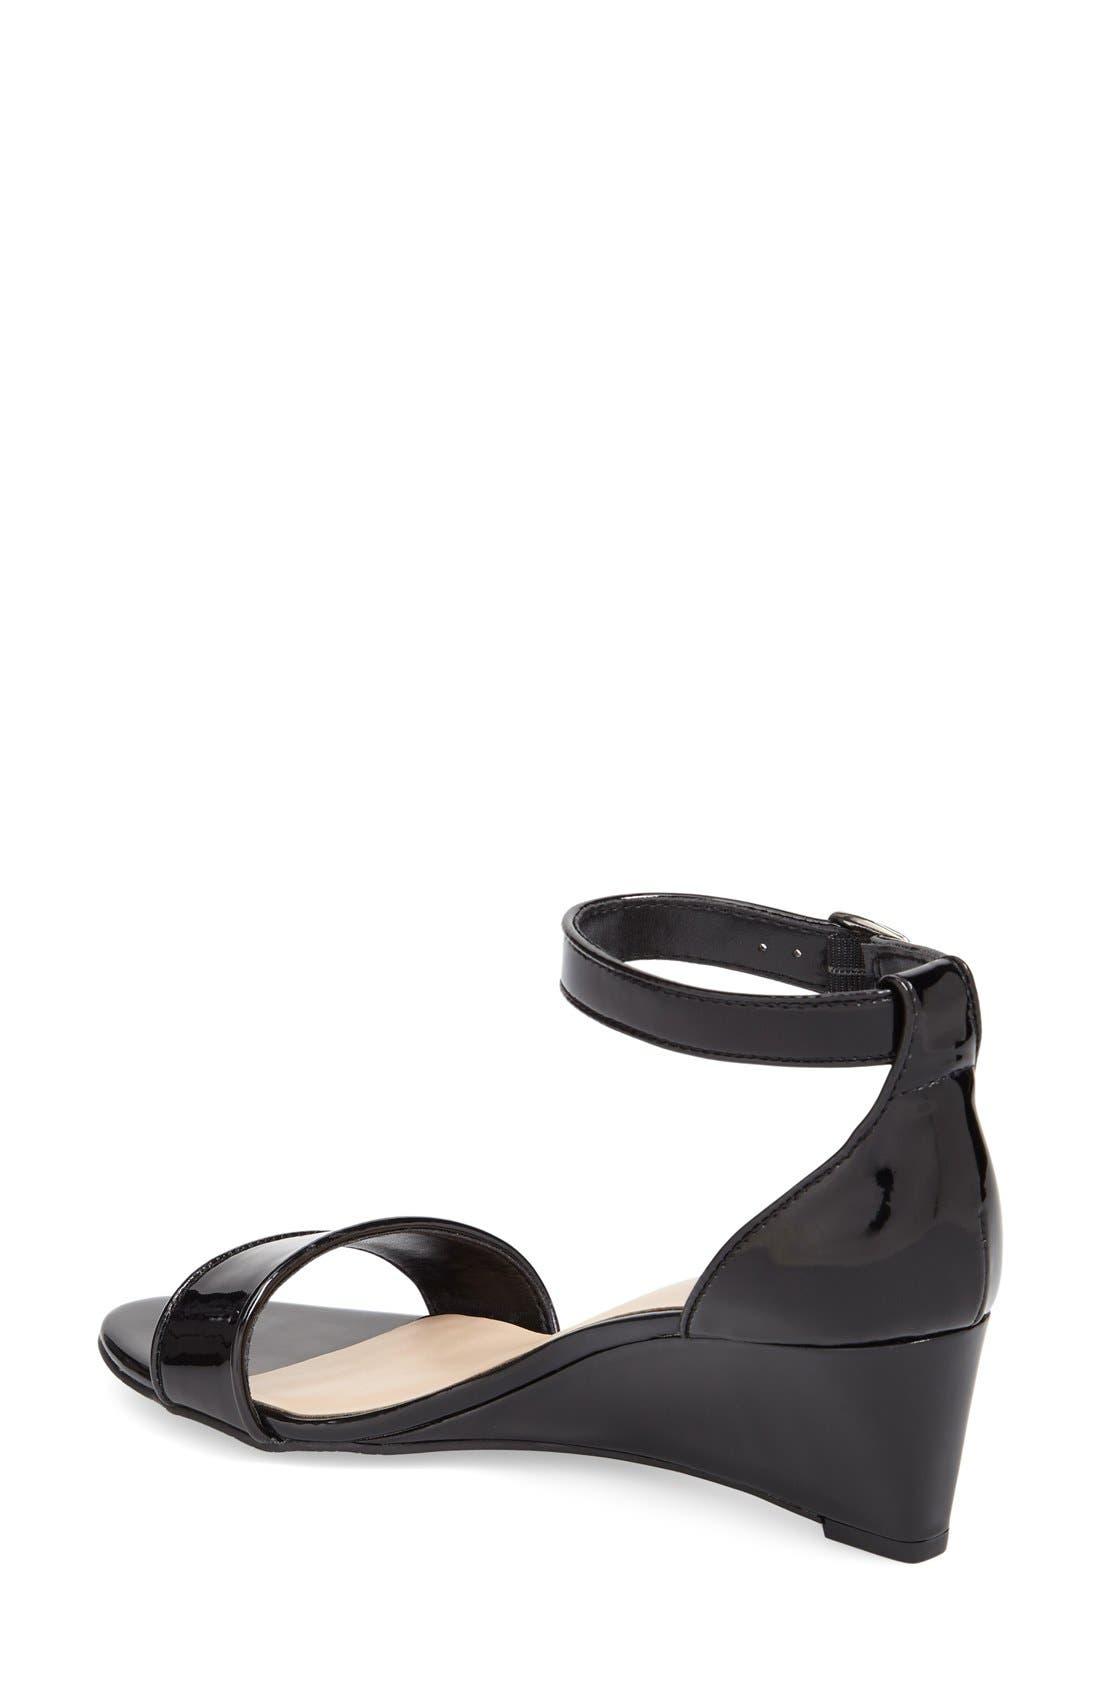 Black wedge sandals 2 inch heel - Black Wedge Sandals 2 Inch Heel 20